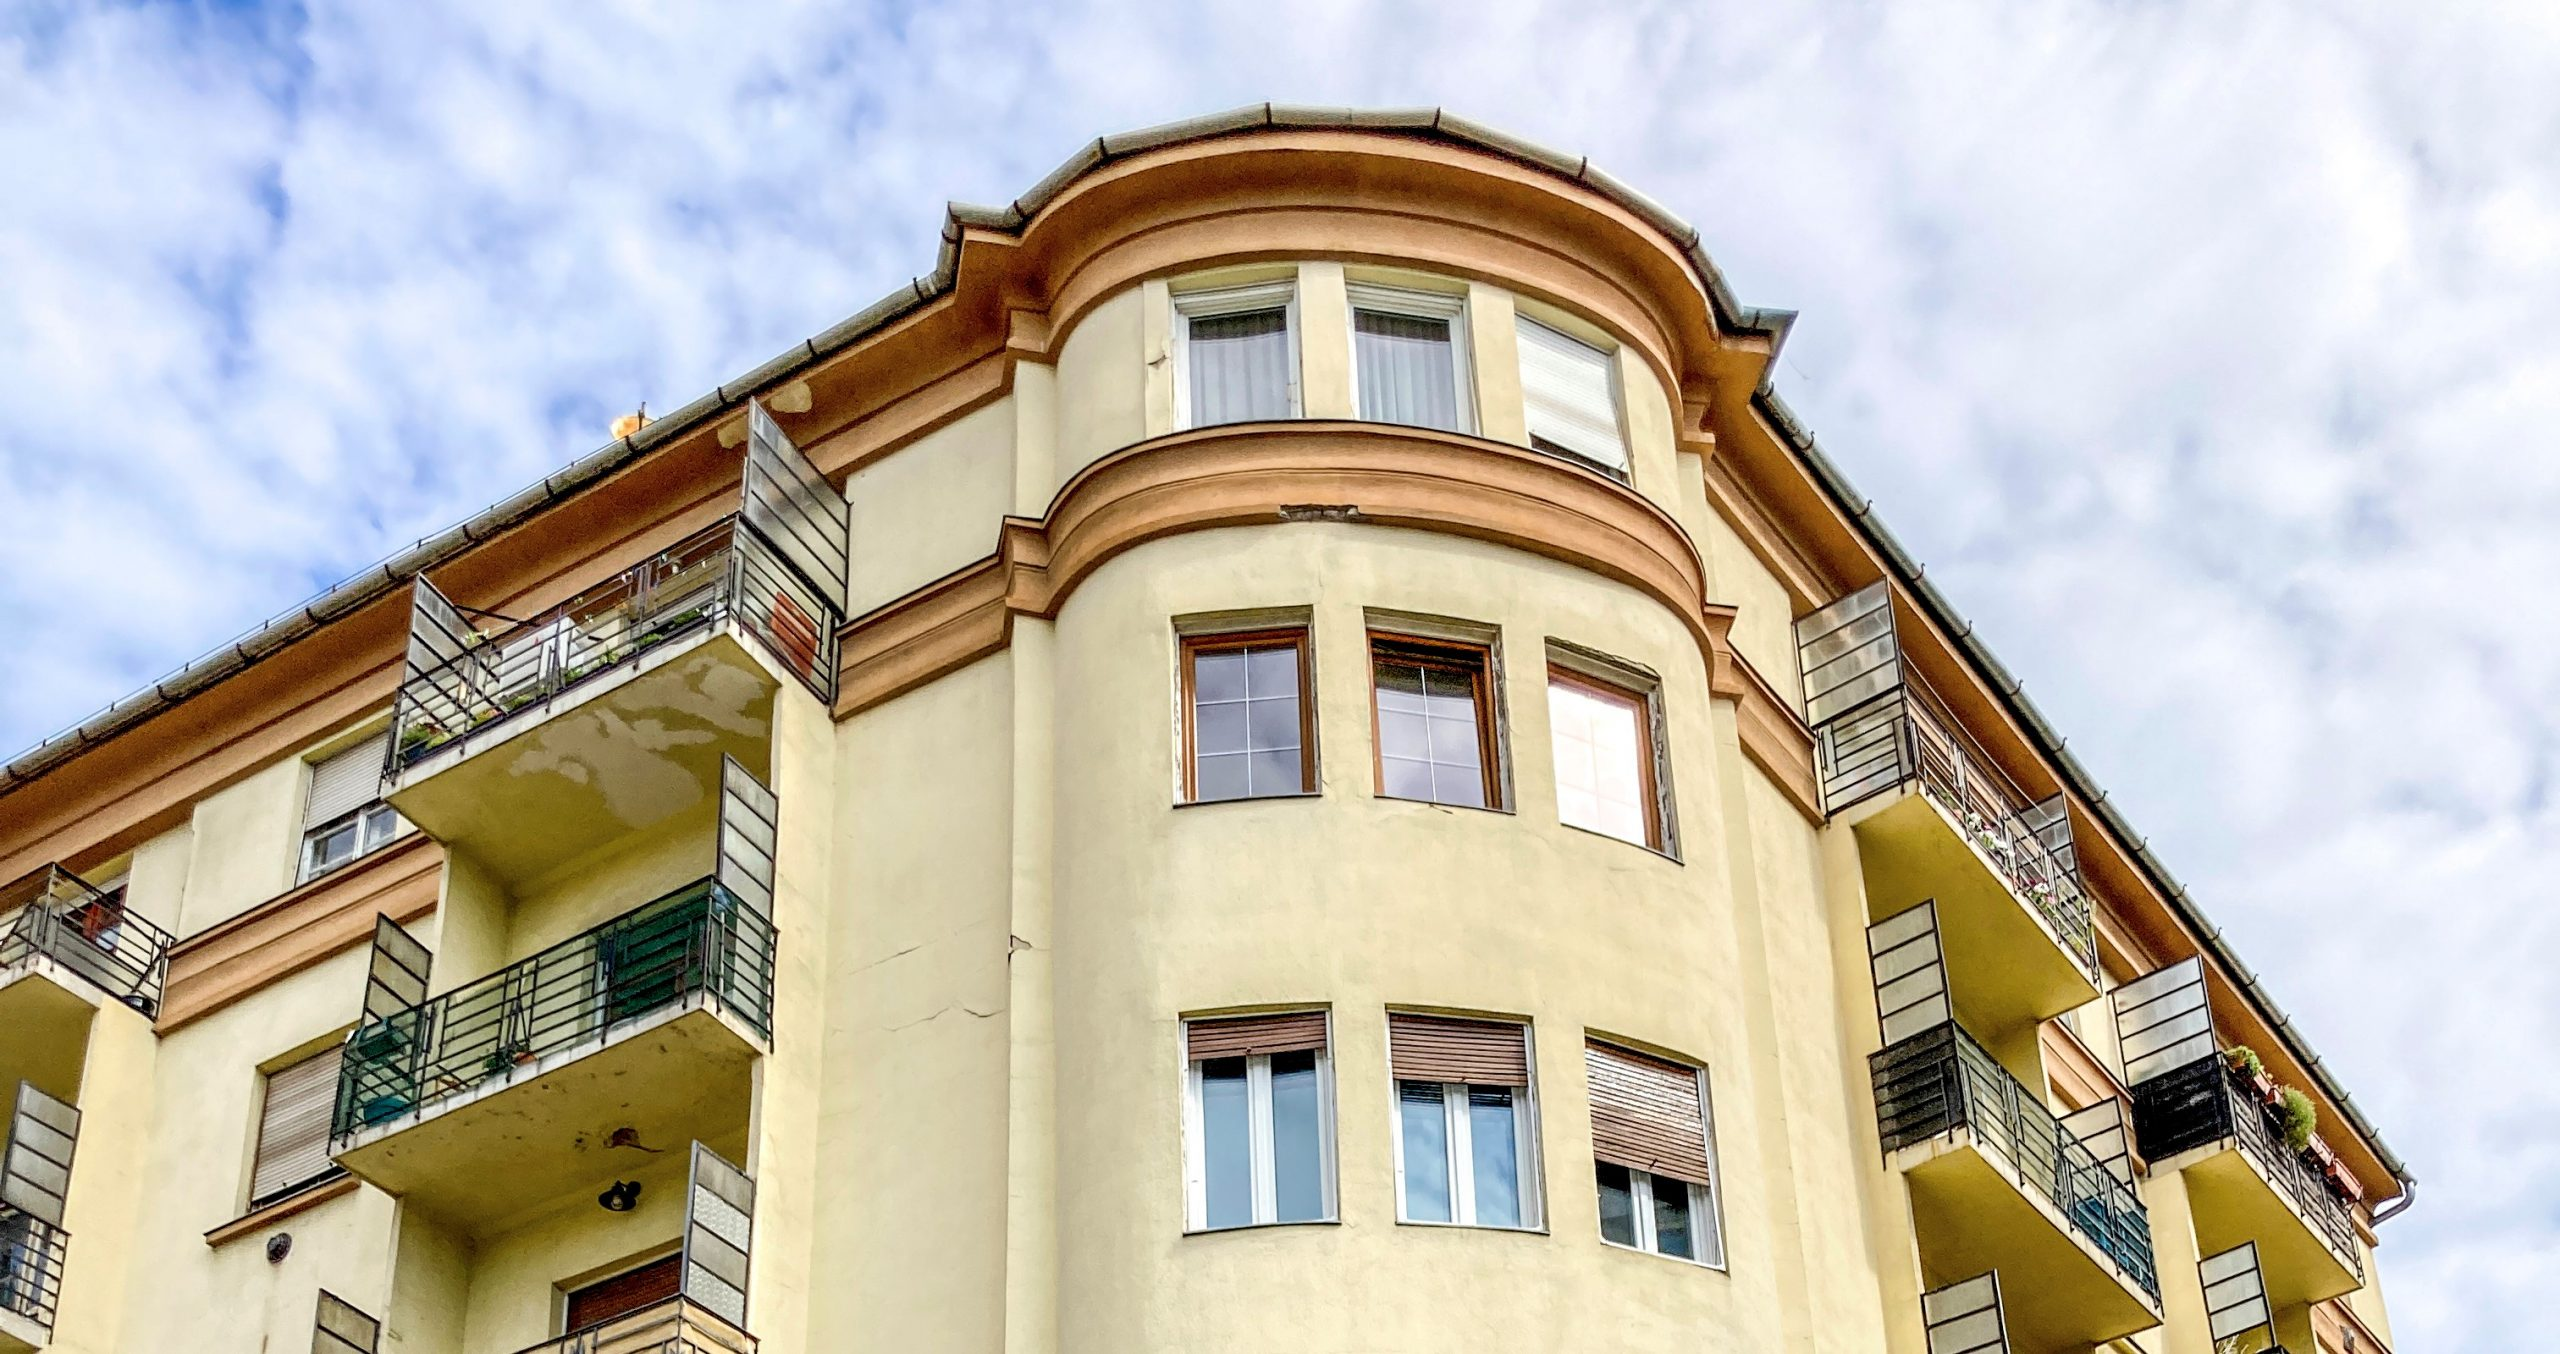 Barangolás Buda belsejében: 5 ház, amit érdemes megnézni a Budapest100 alatt